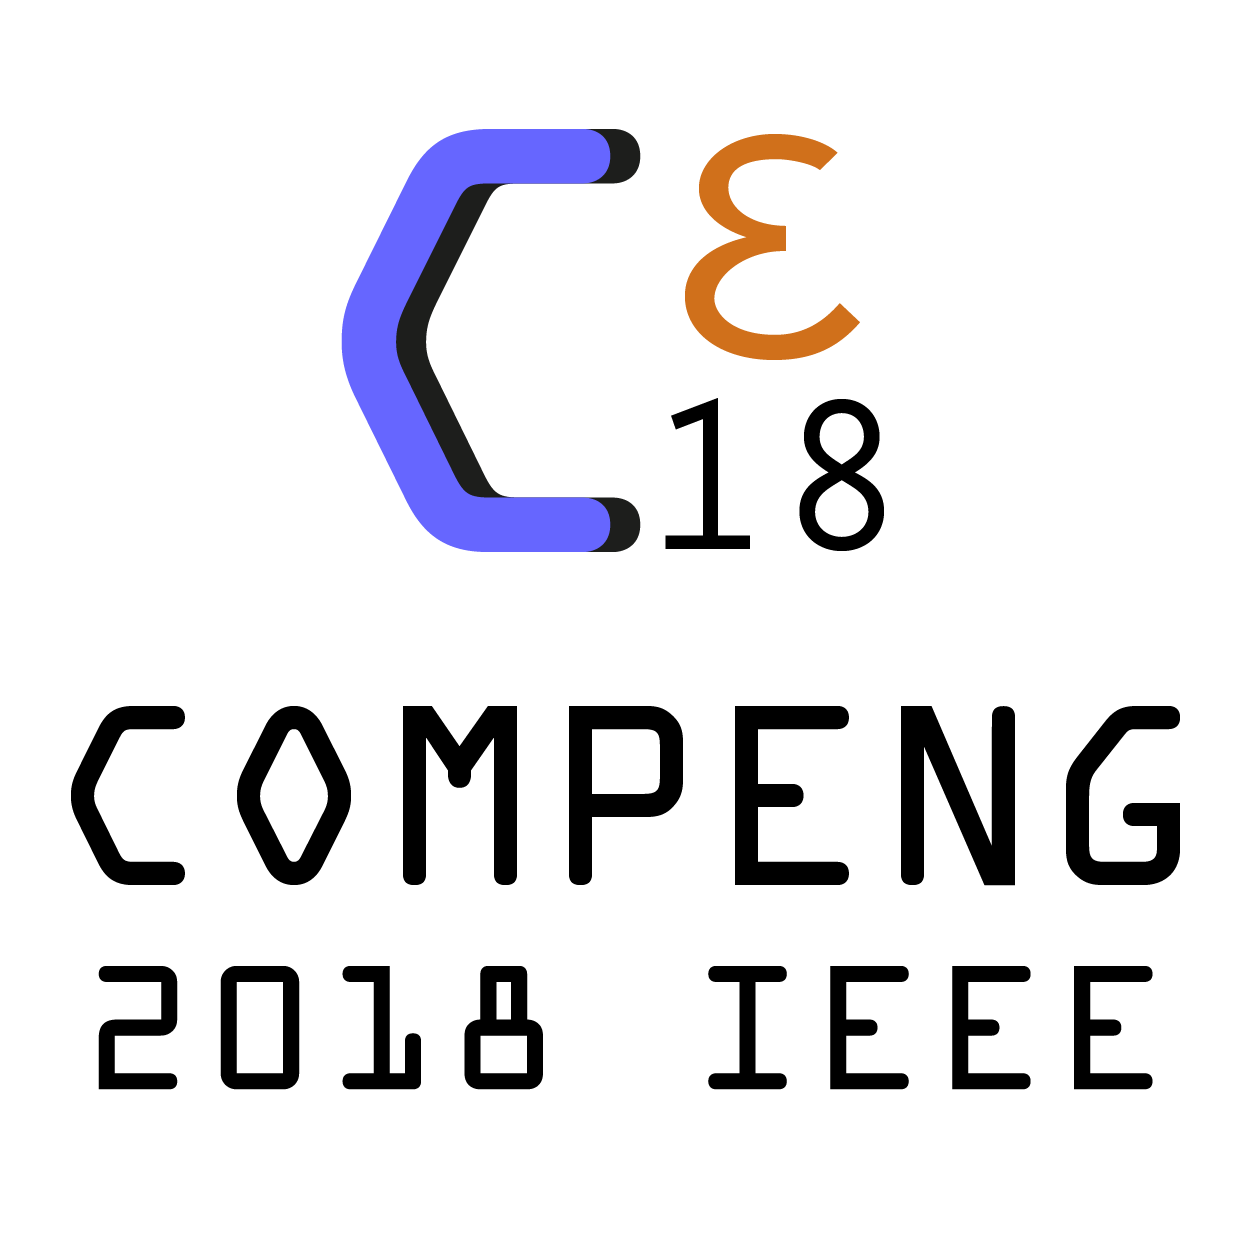 IEEE COMPENG 2020